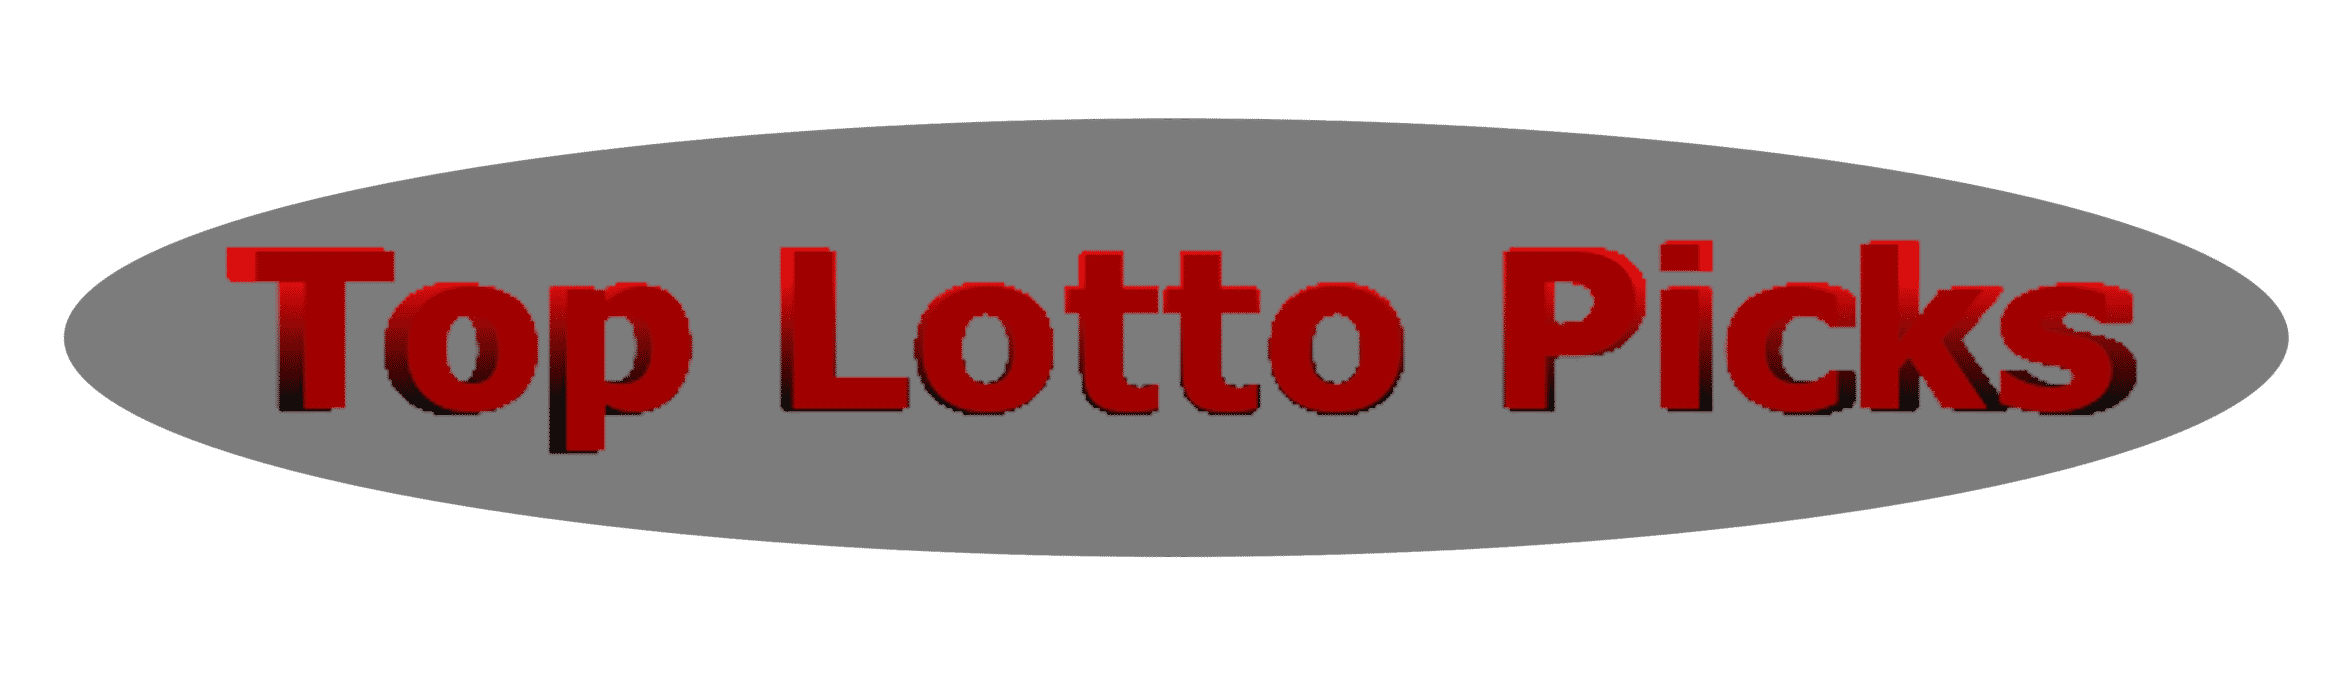 Lotto online spielen und finden lottozahlen